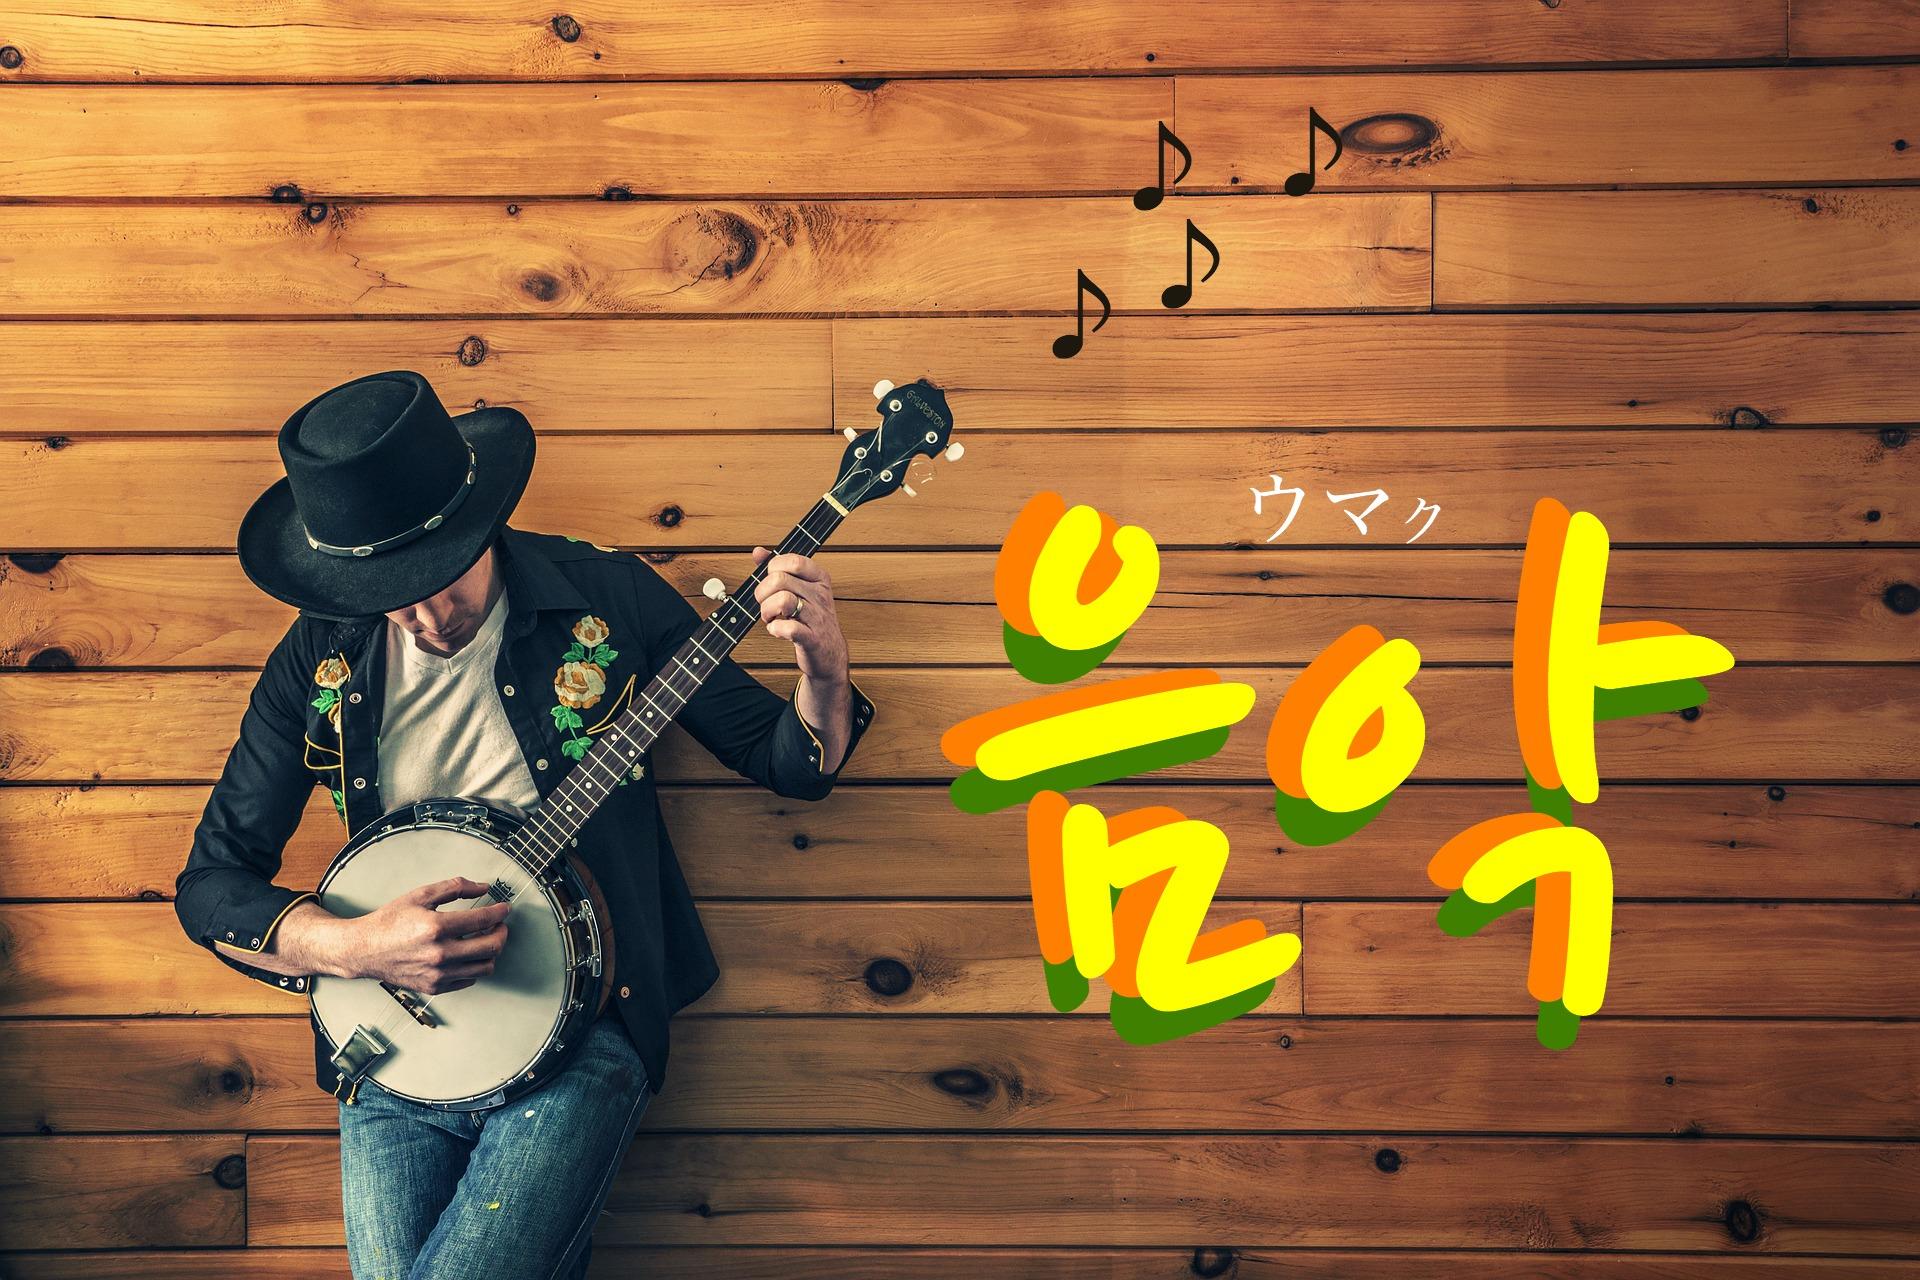 koreanword-music